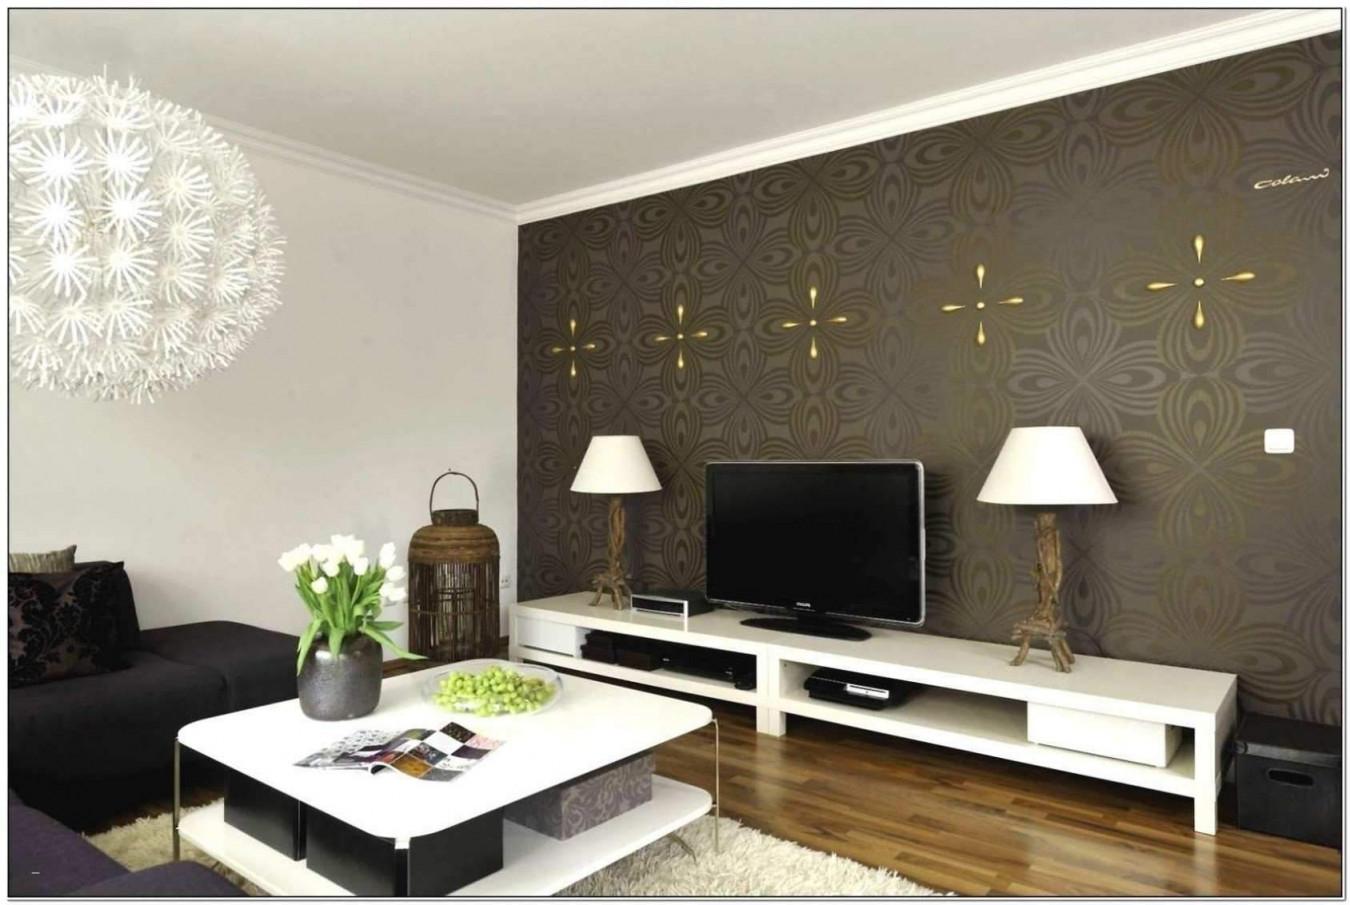 39 Elegant Ausgefallene Tapeten Wohnzimmer Das Beste Von von Tapeten Für Das Wohnzimmer Bild